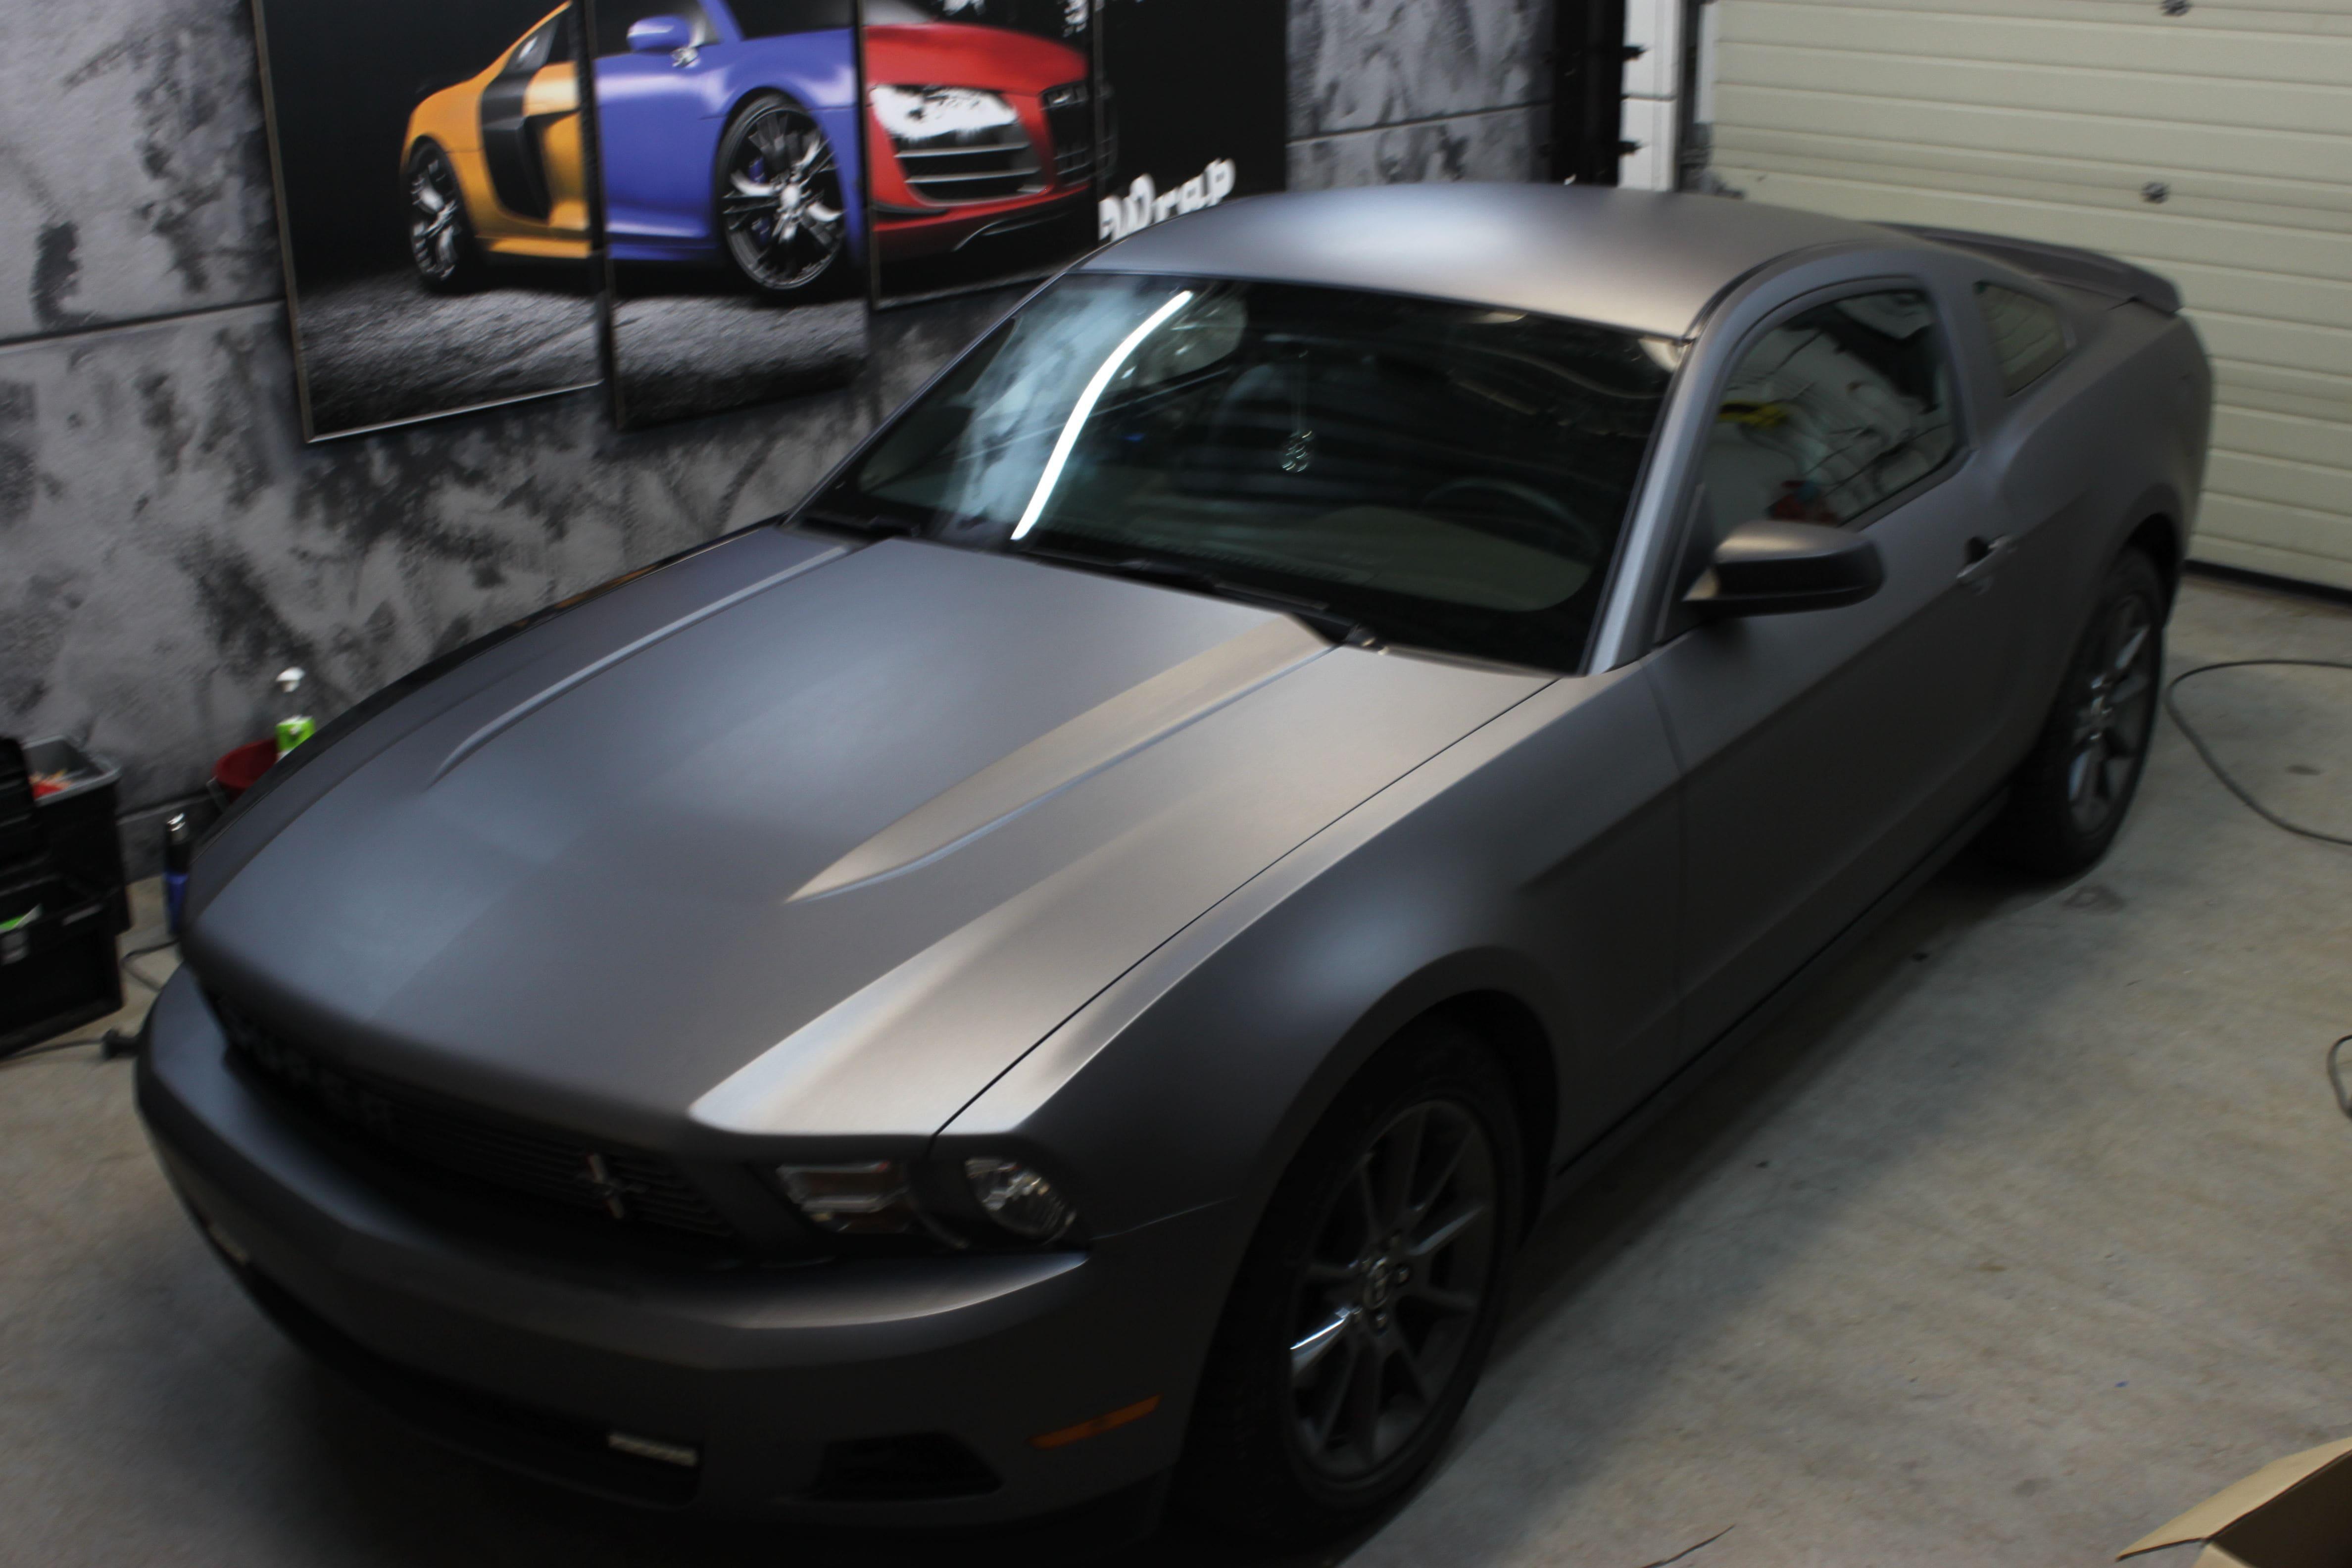 Ford Mustang 2009 met Gunpowder Wrap, Carwrapping door Wrapmyride.nu Foto-nr:5815, ©2021